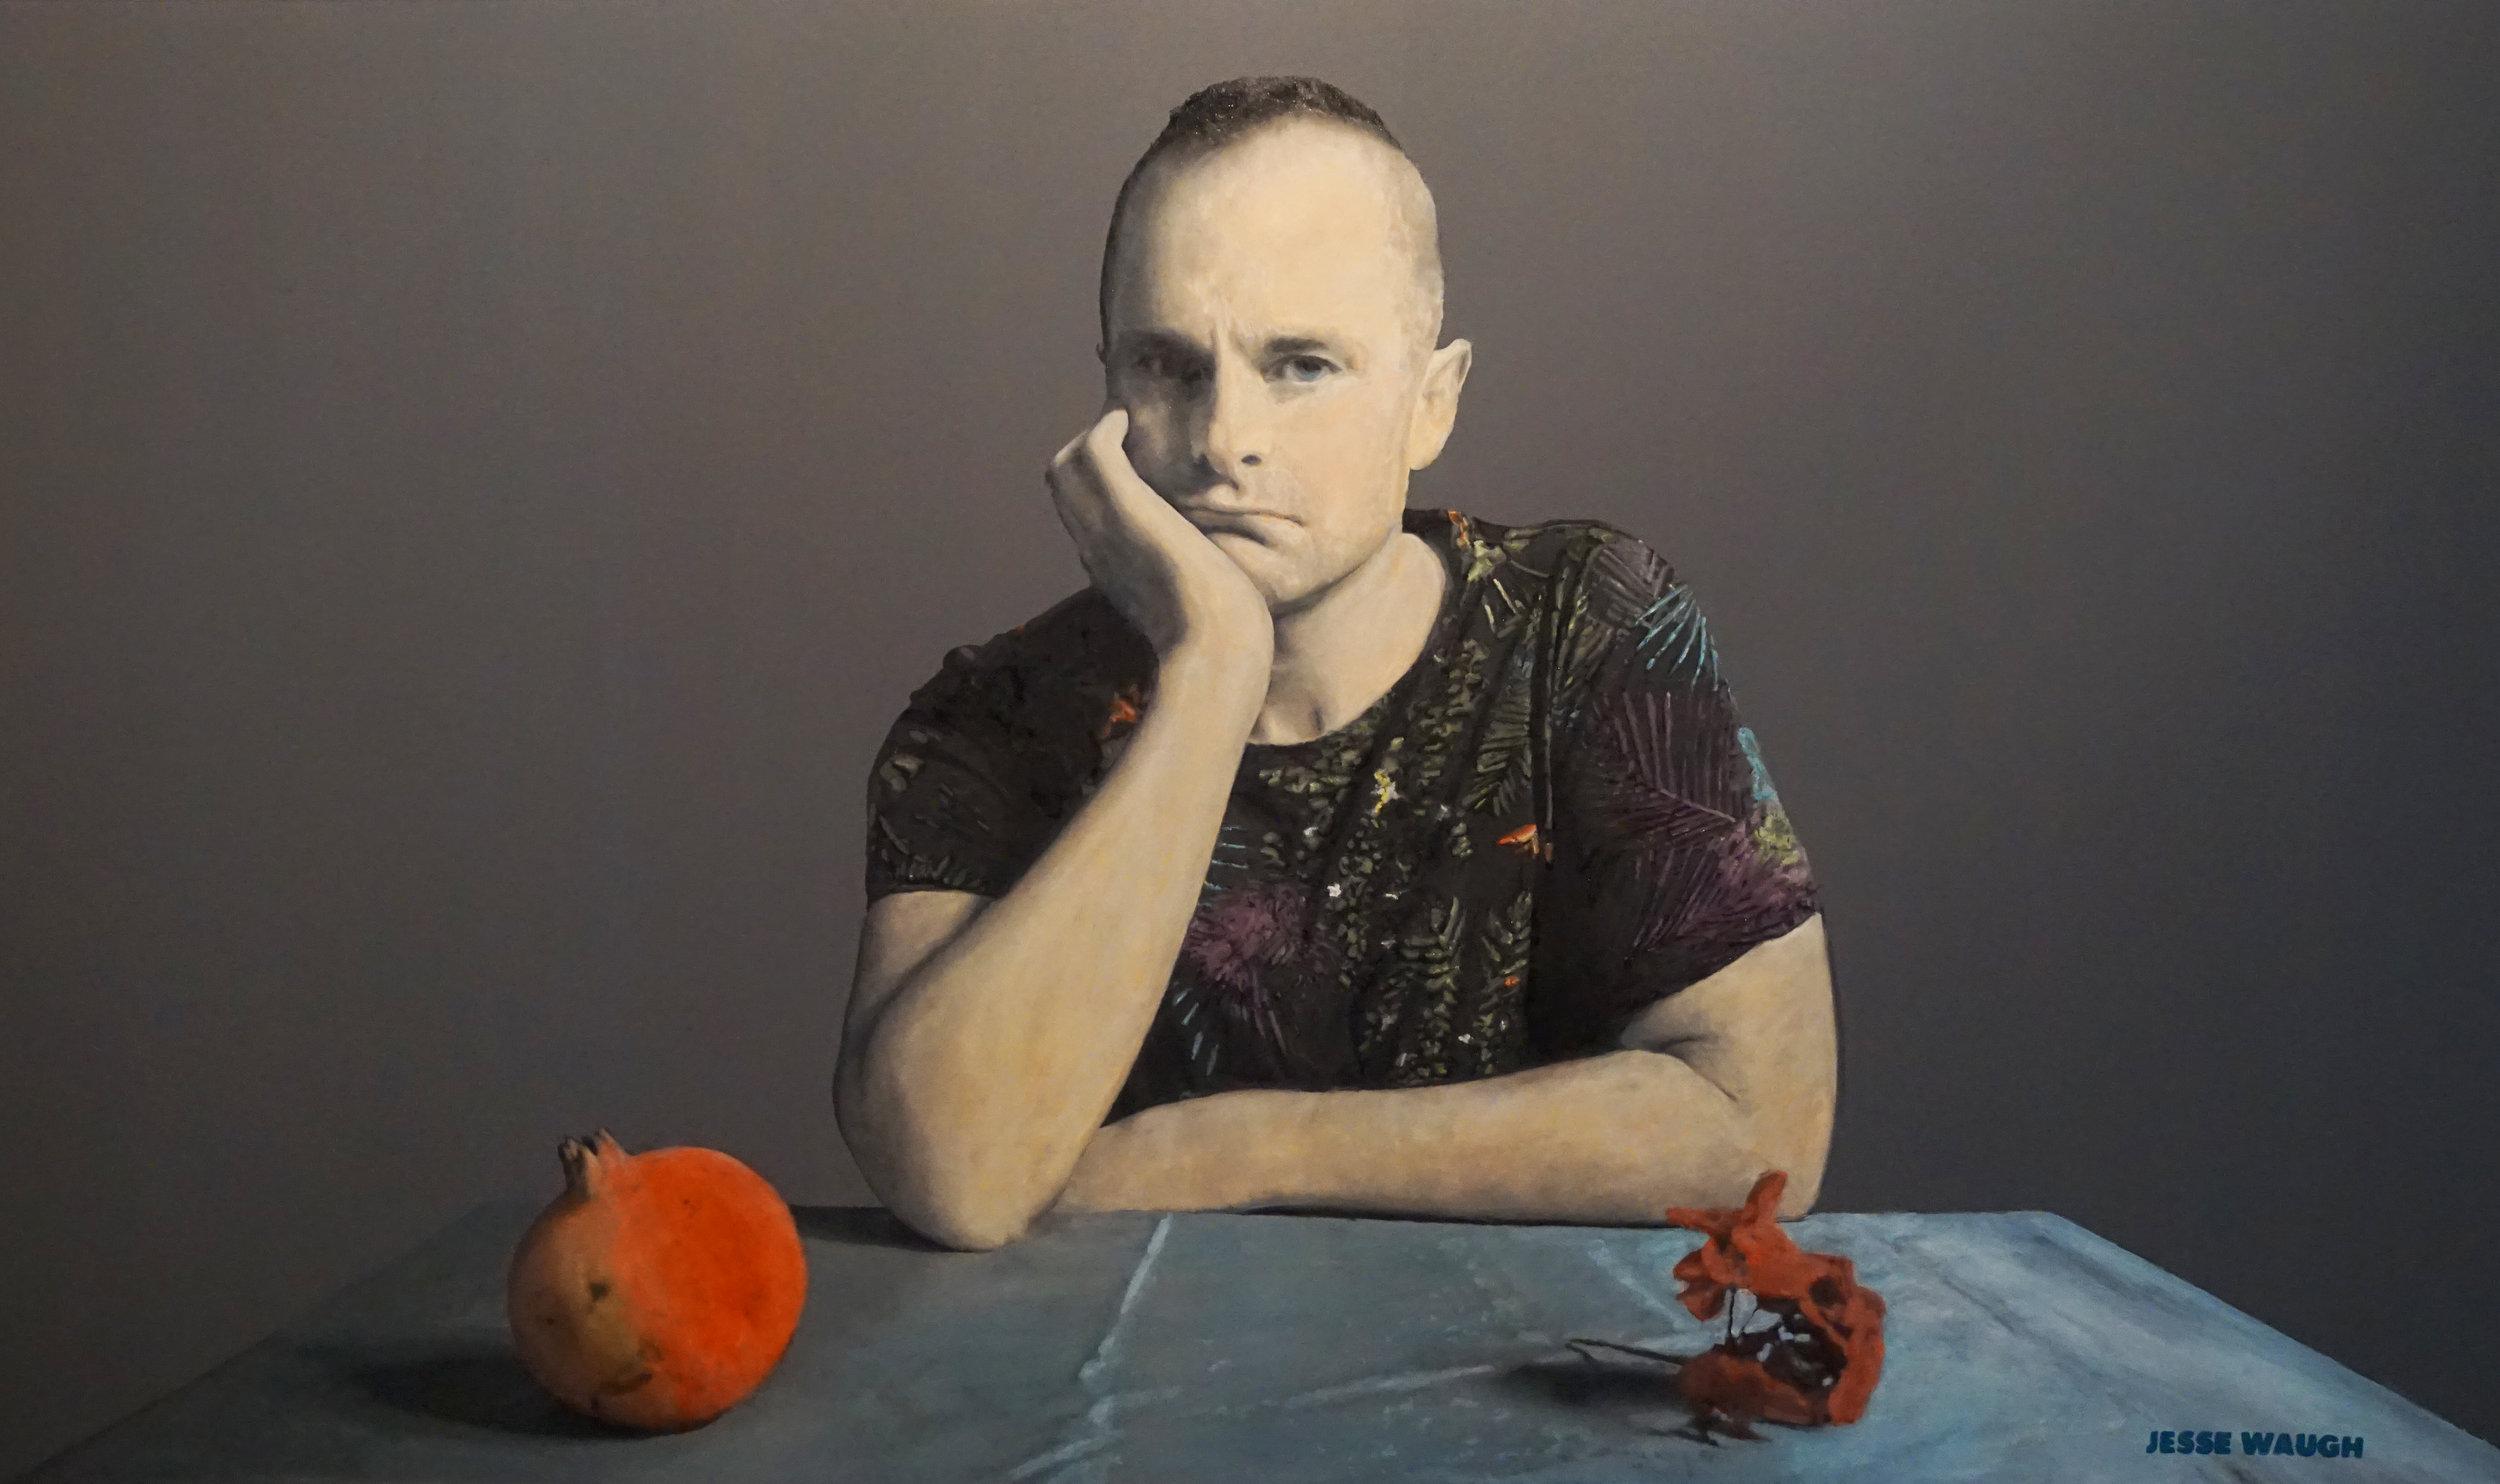 Jesse Waugh Self-portrait   Melancholia